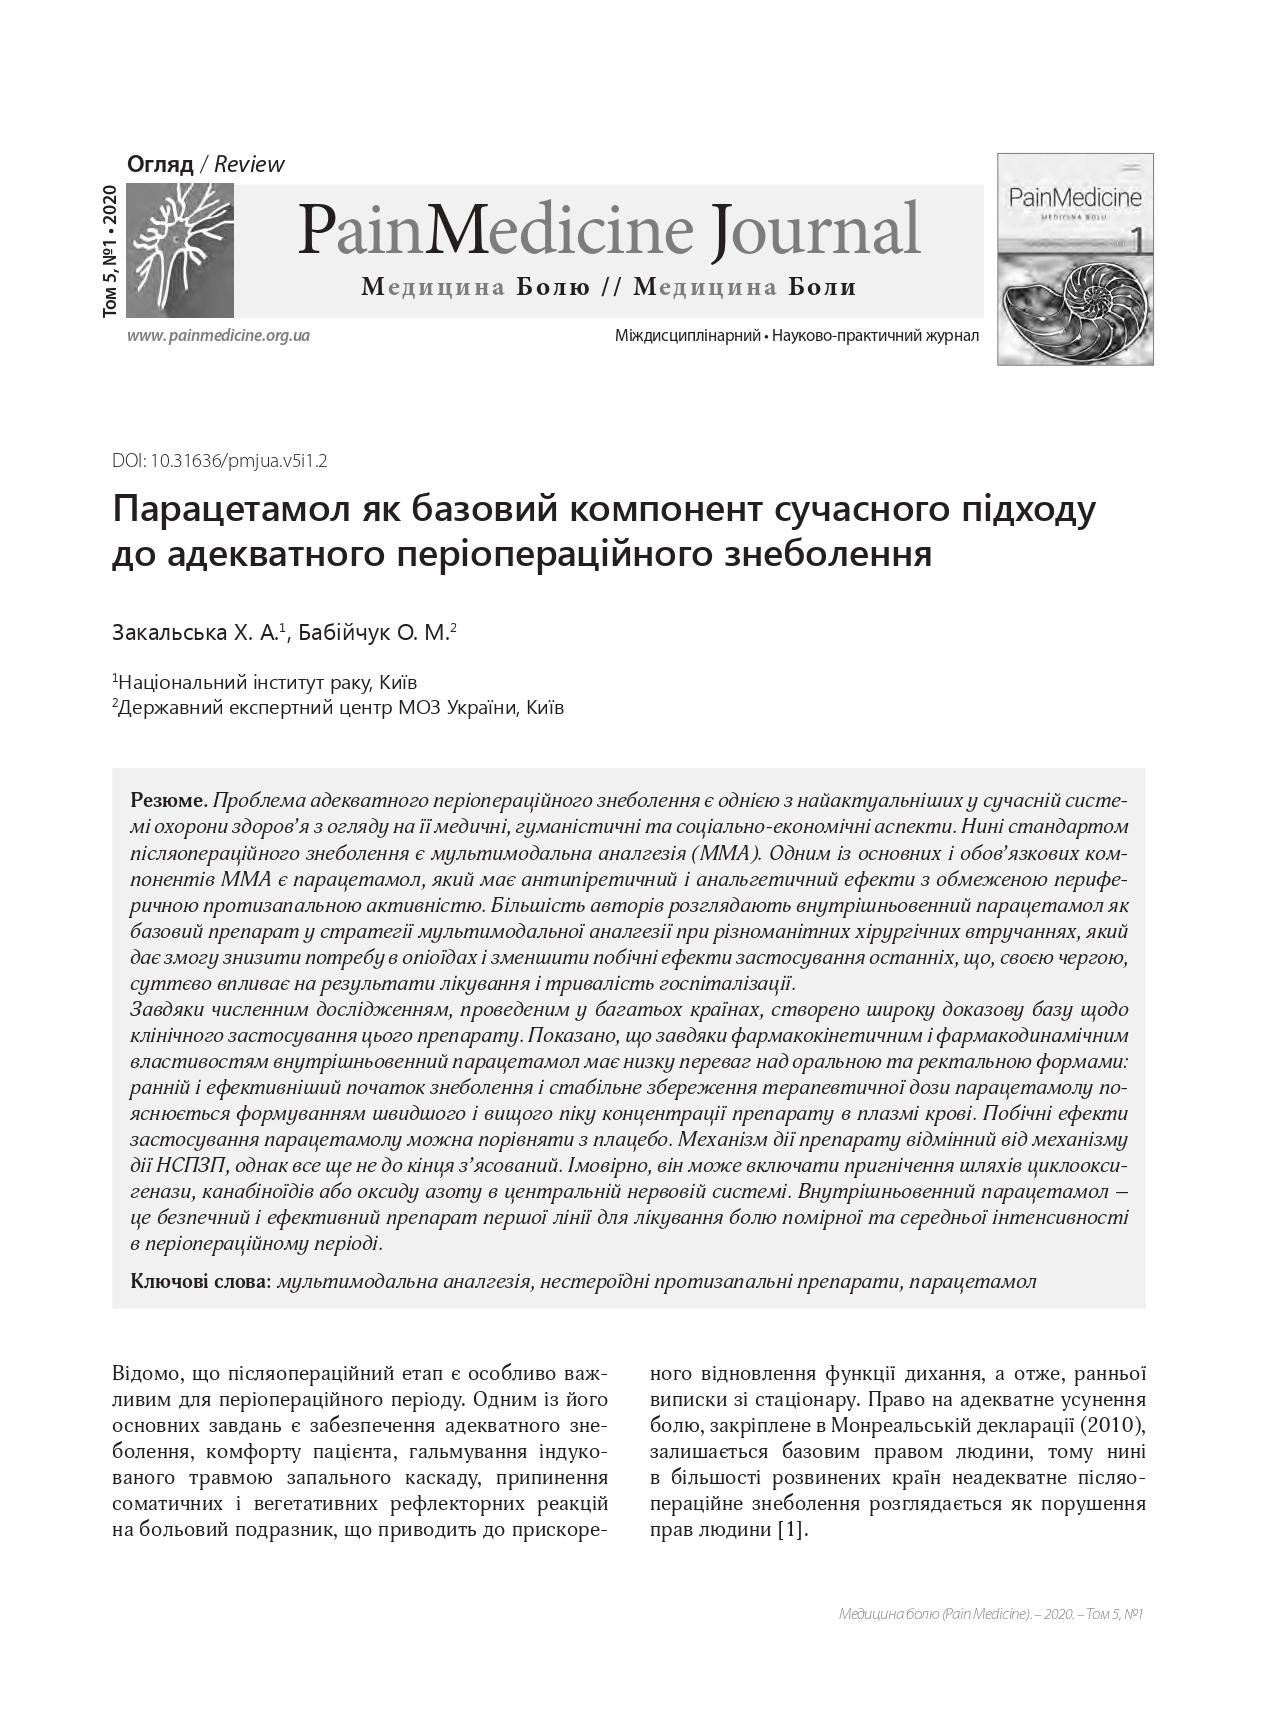 Парацетамол як базовий компонент сучасного підходу до адекватного періопераційного знеболення